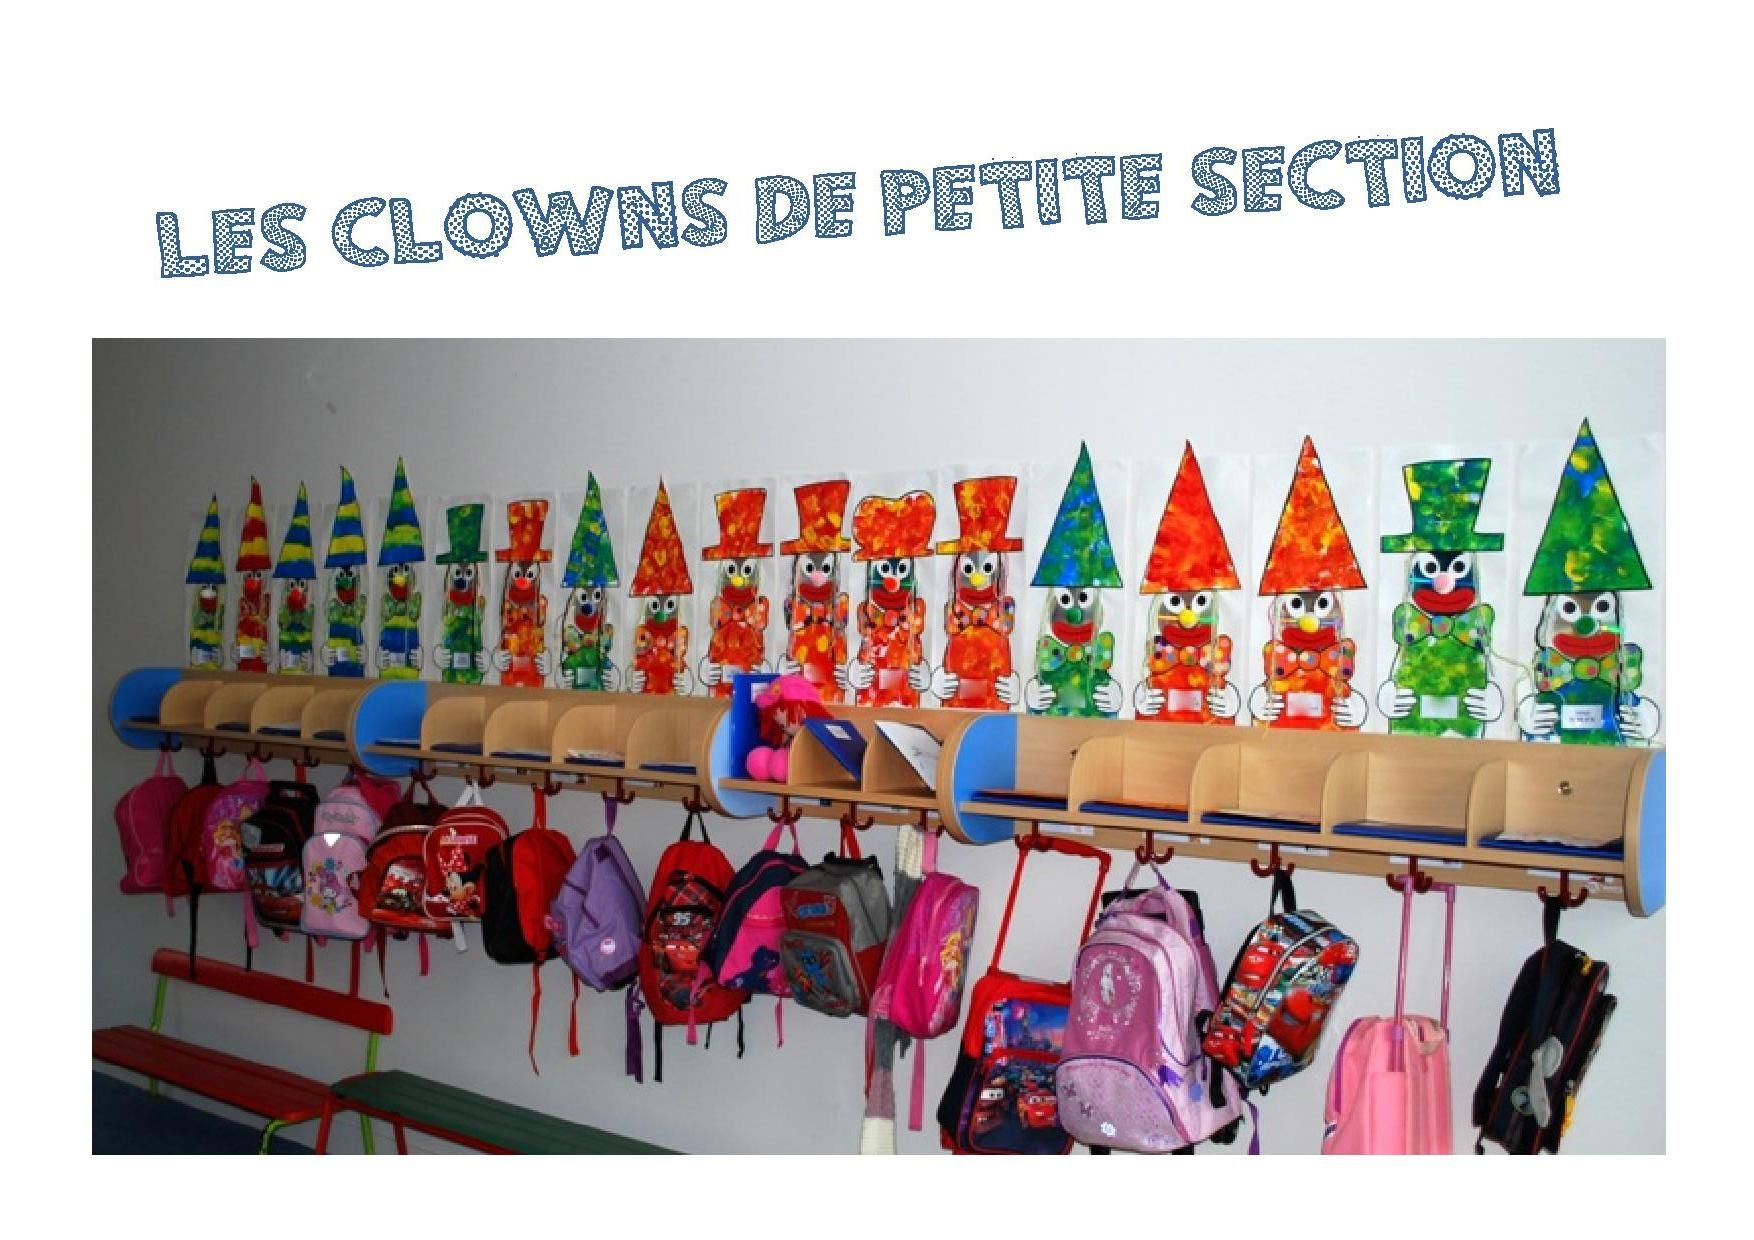 des petits clowns en ps deco manteaux classe pinterest manteau porte manteaux et the doors. Black Bedroom Furniture Sets. Home Design Ideas